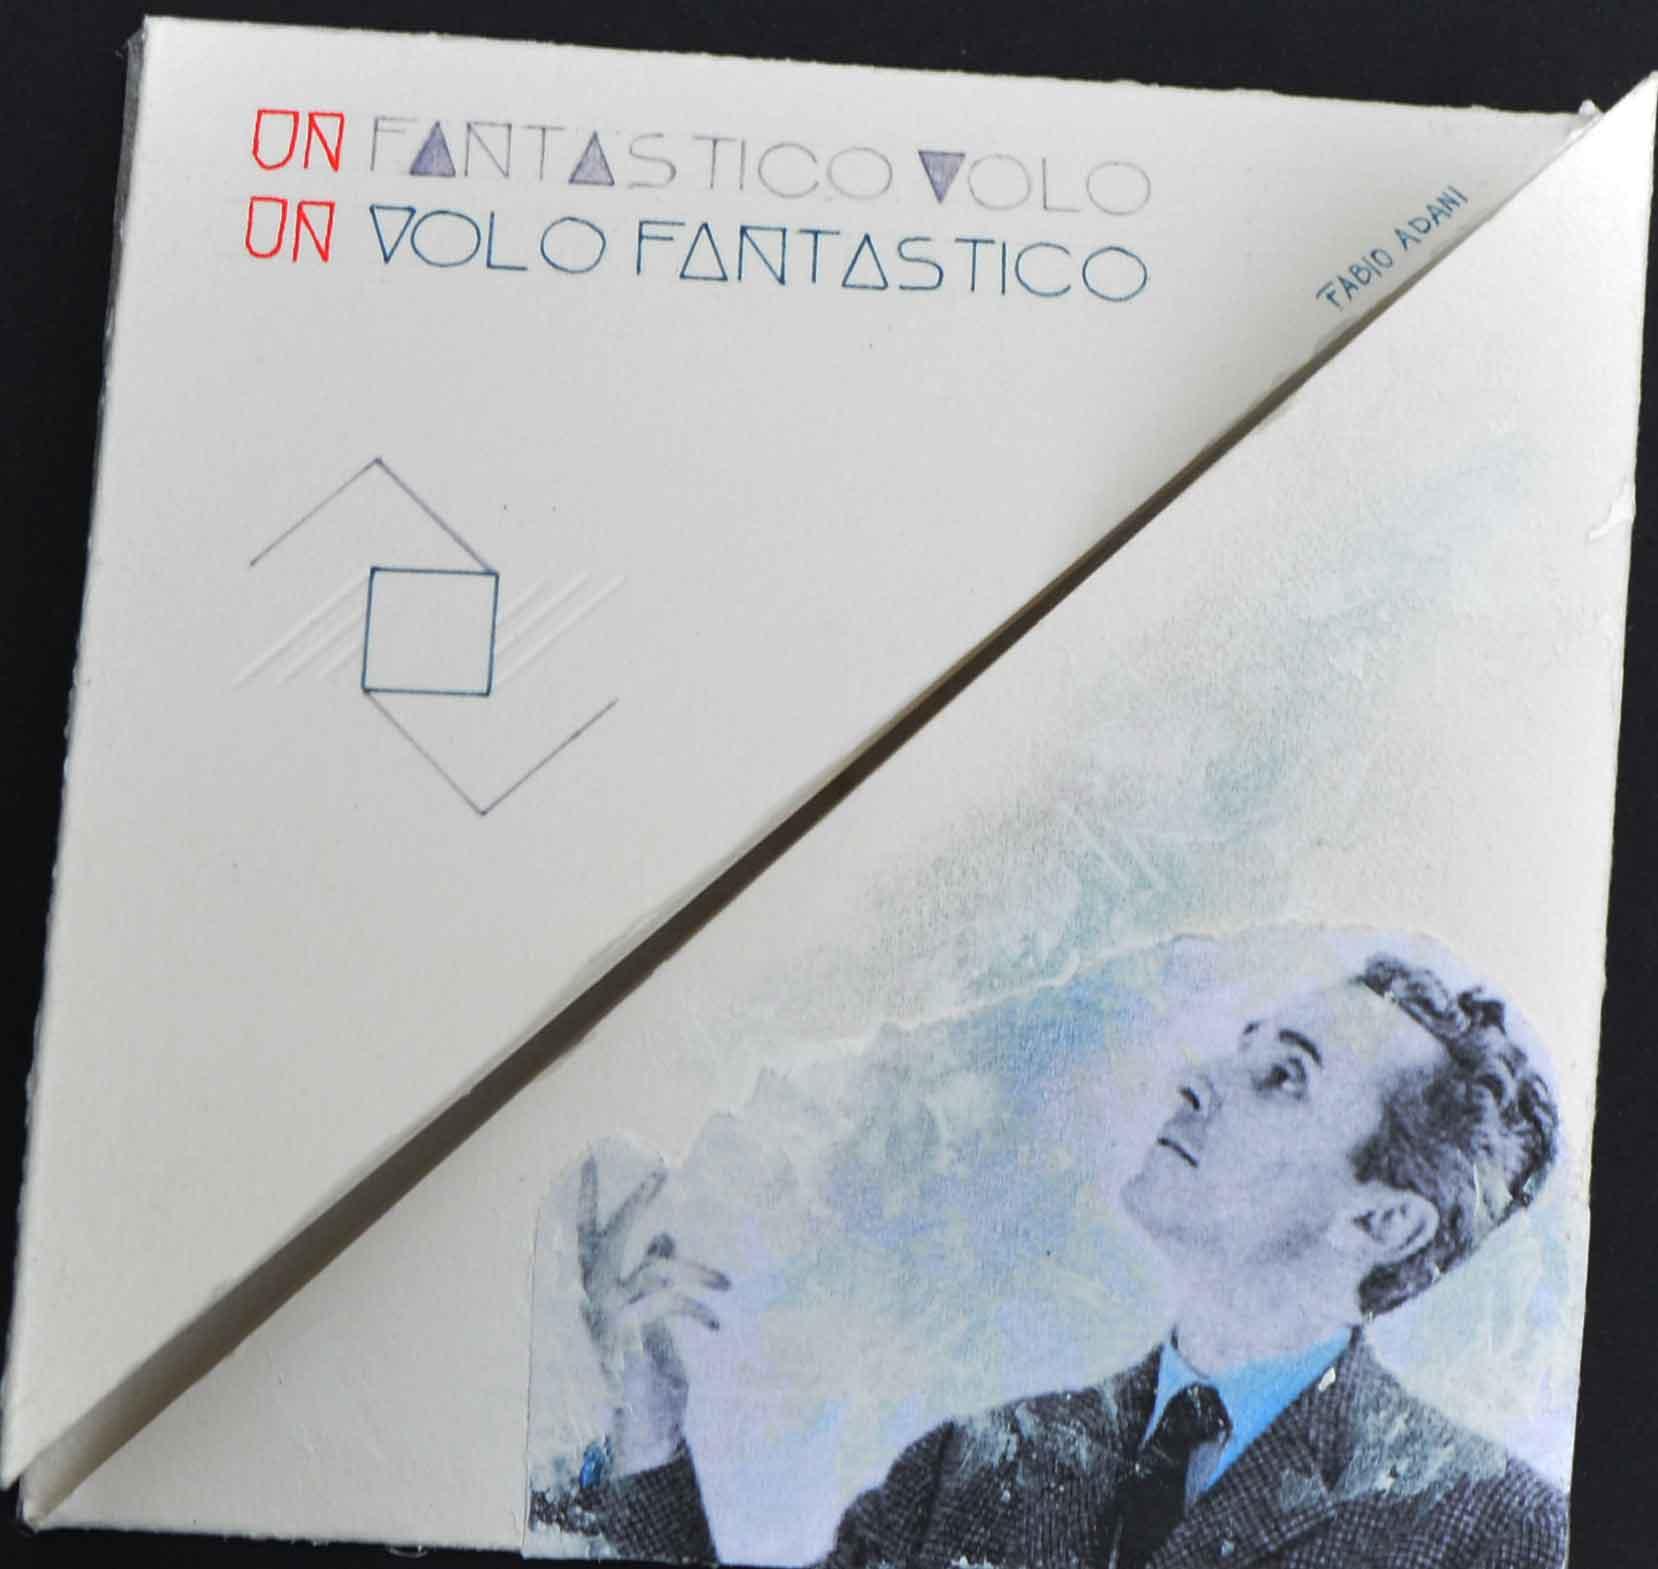 Fabio-Adani-UN-FANTASTICO-VOLO